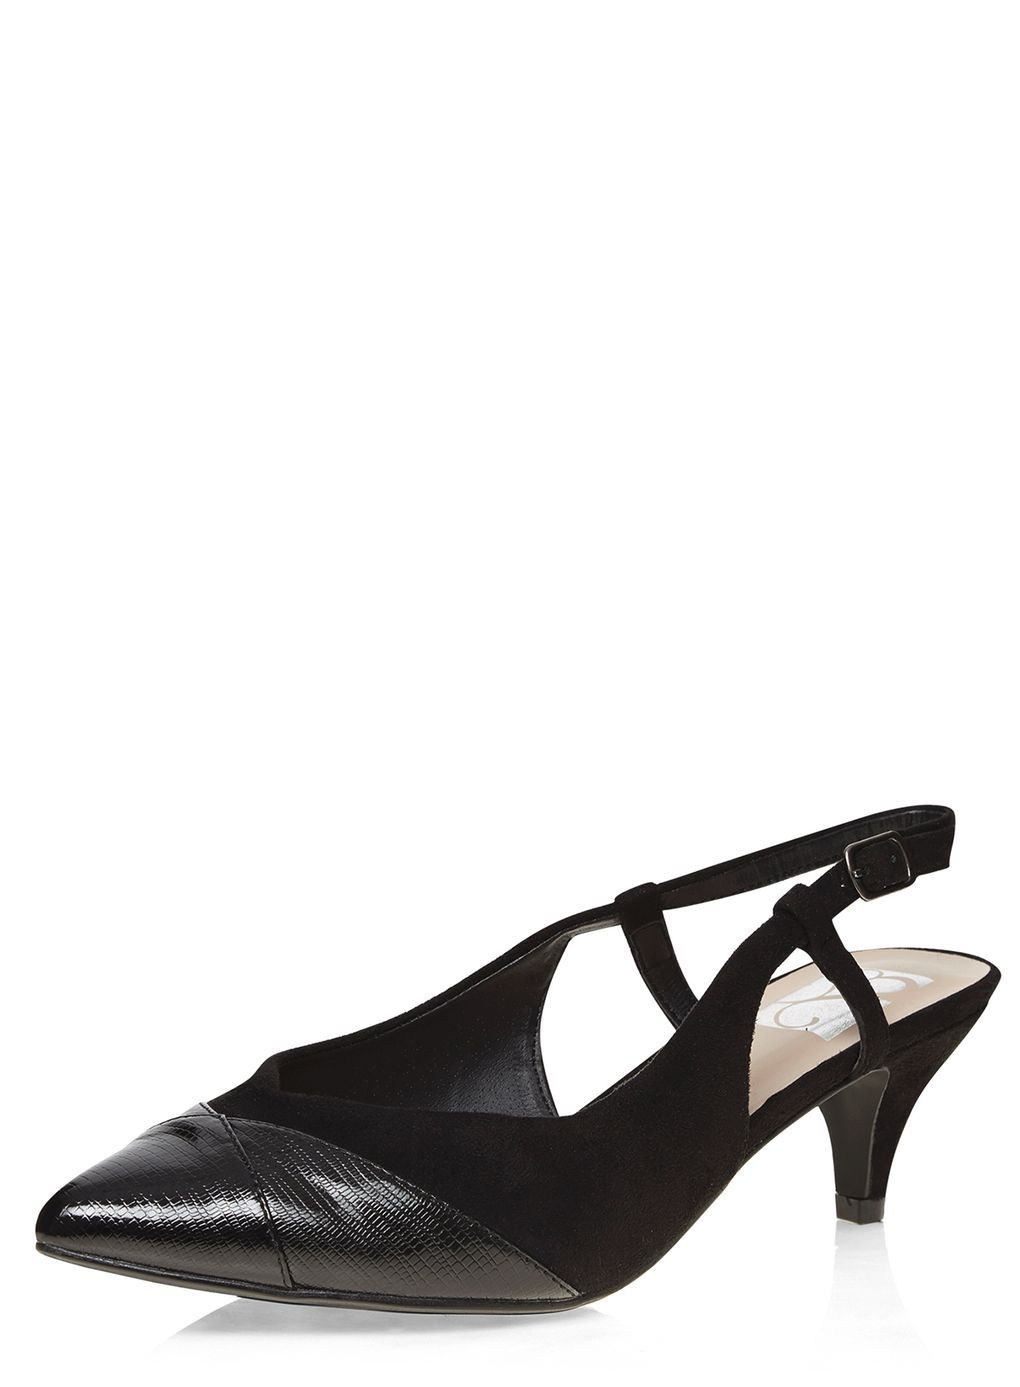 Black Slingback Kitten heel